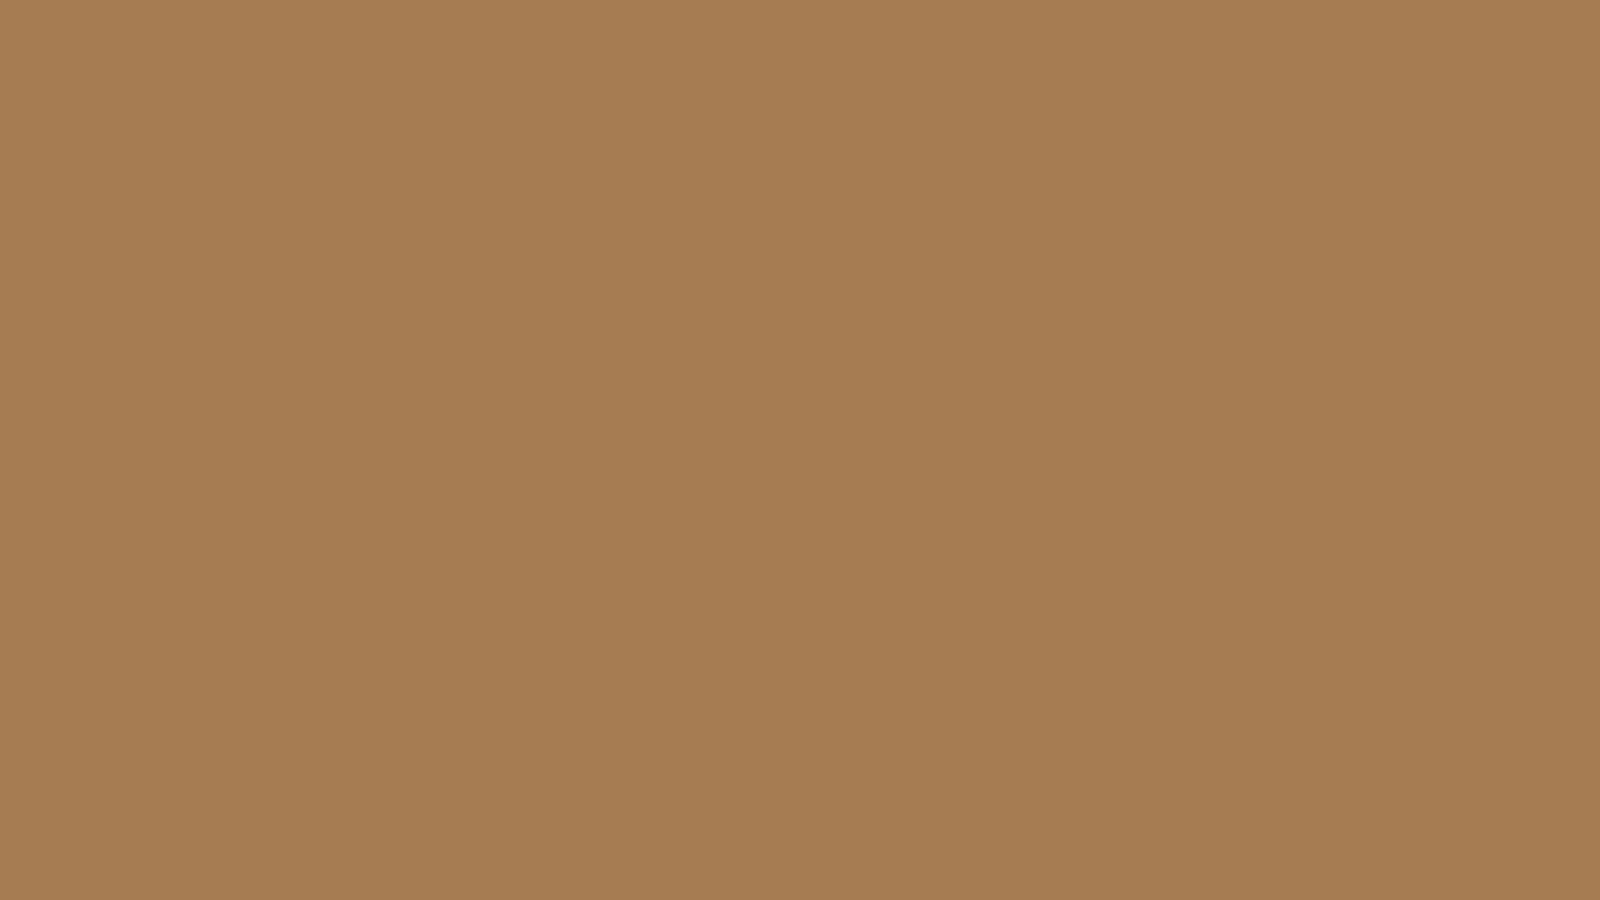 Light Brown Wallpaper